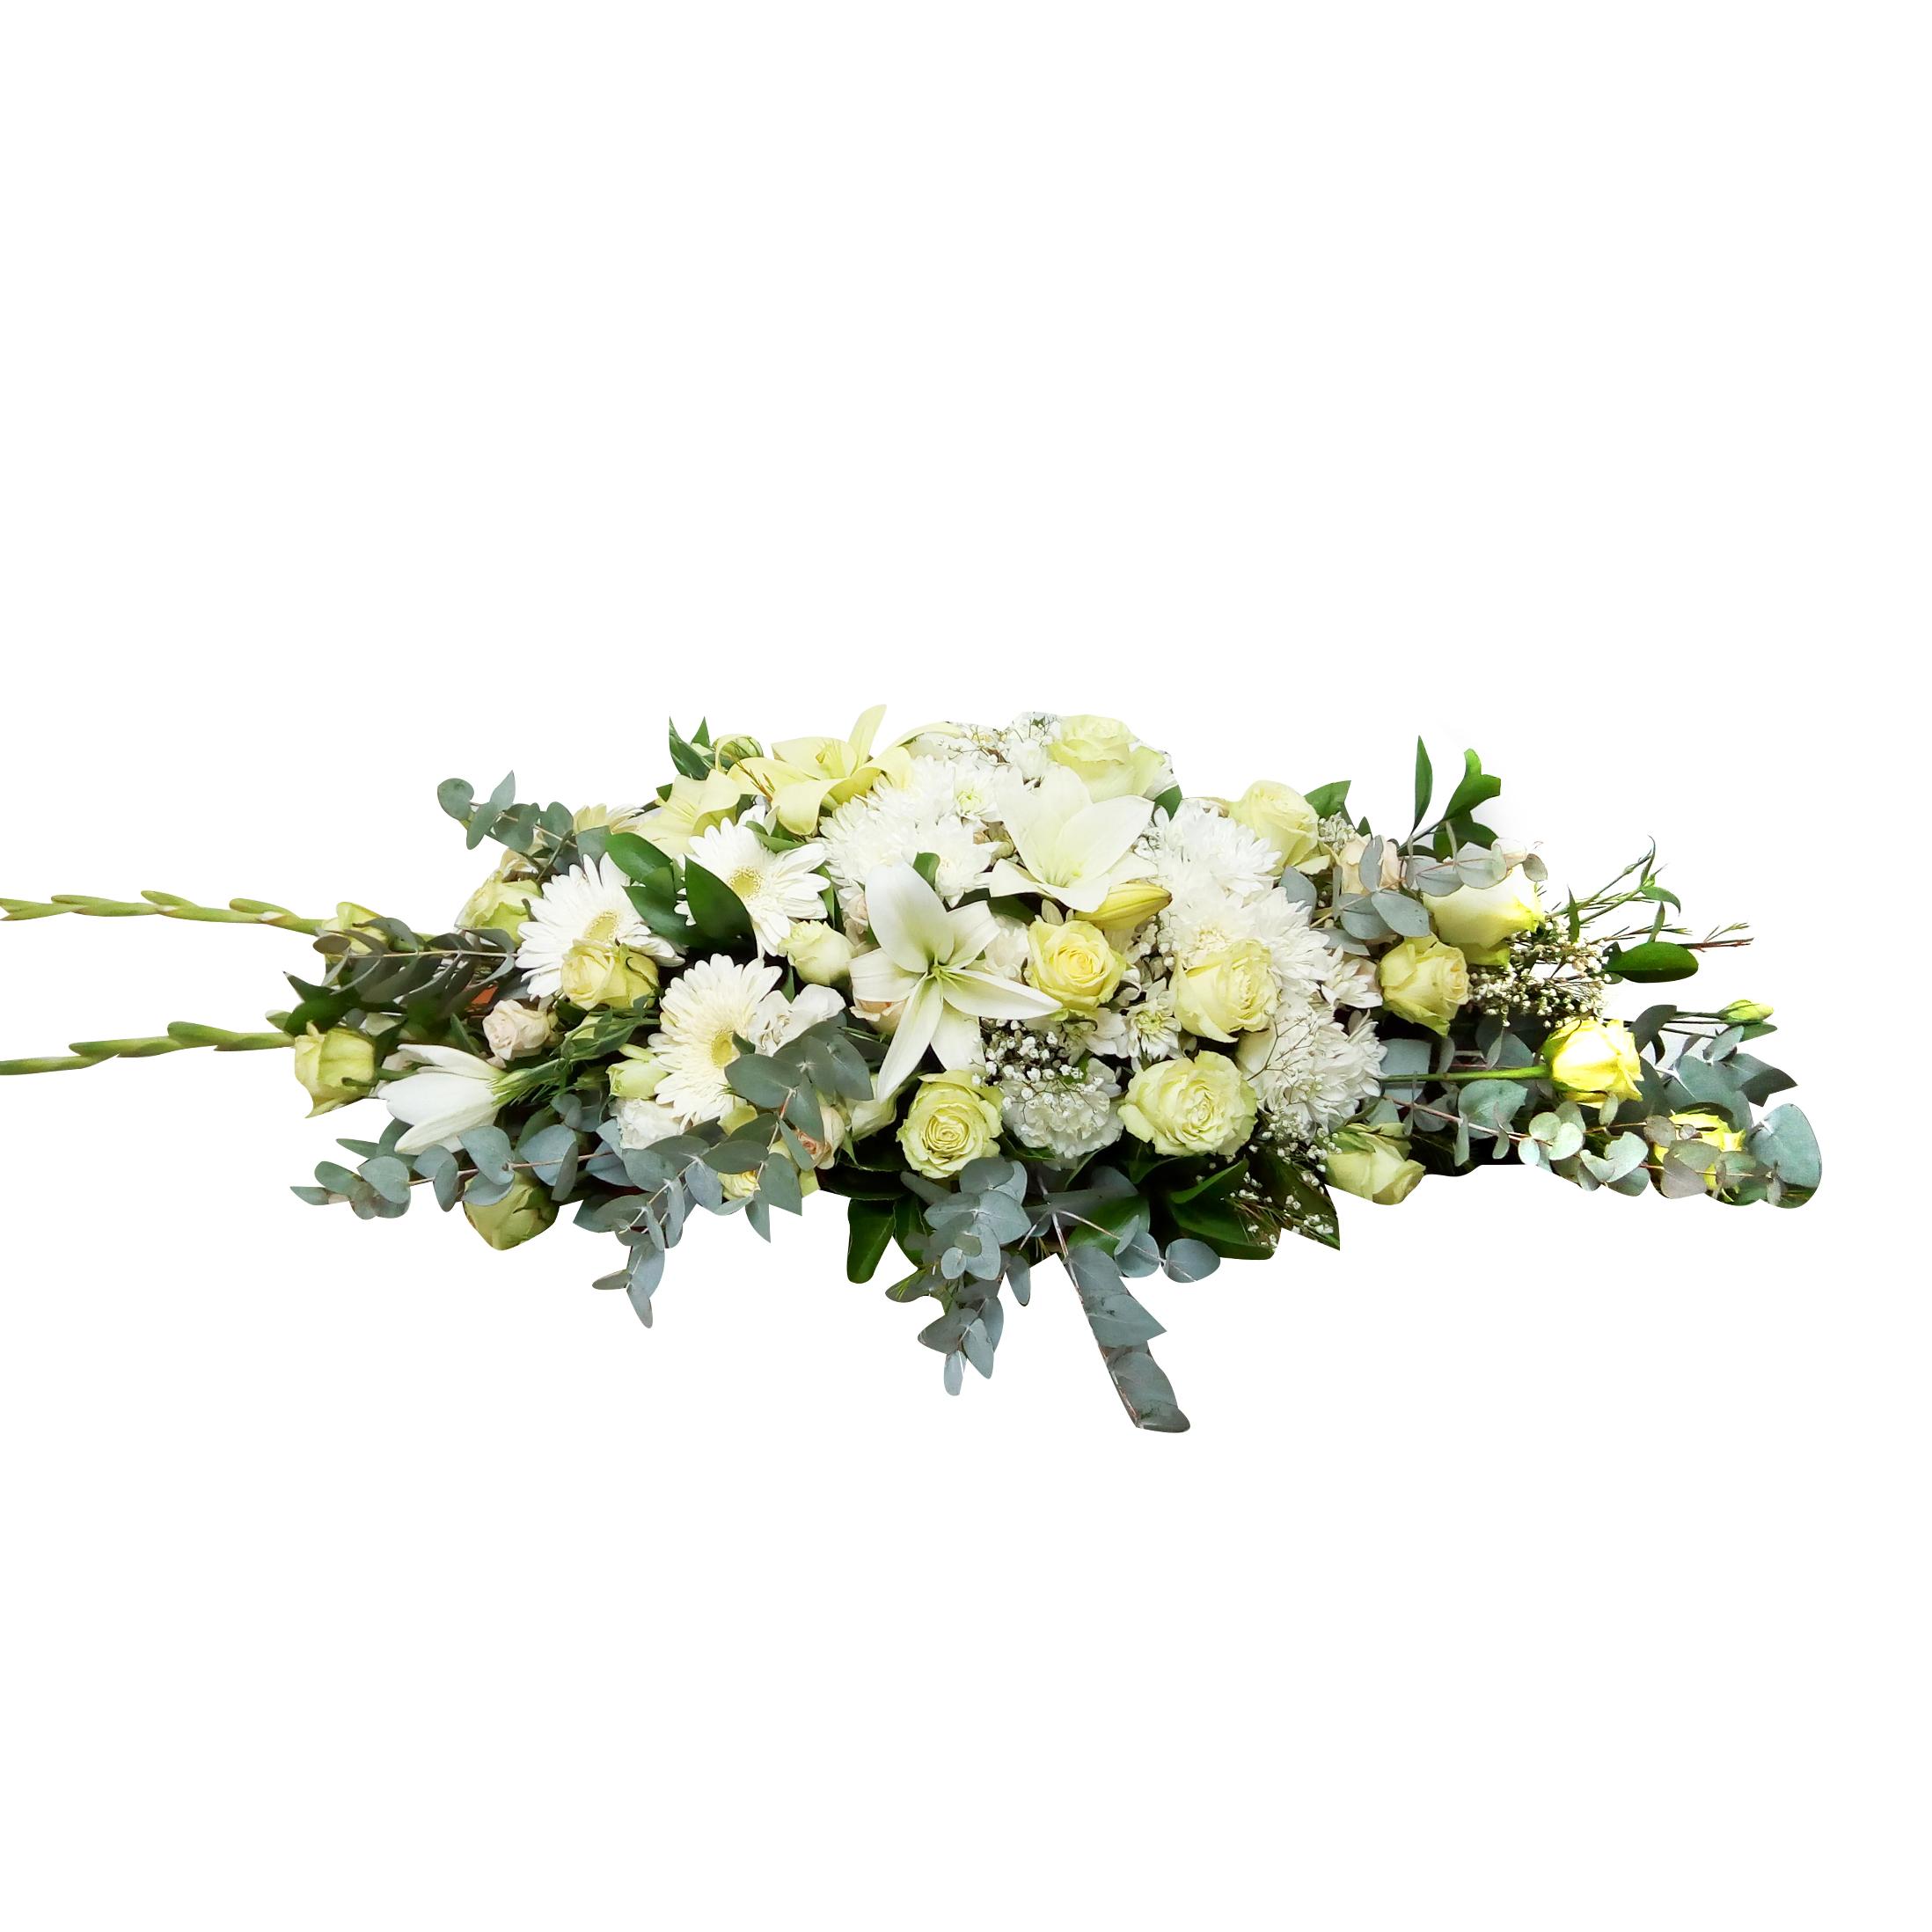 Cubre Urna con Rosas, Lisianthus y Lilium